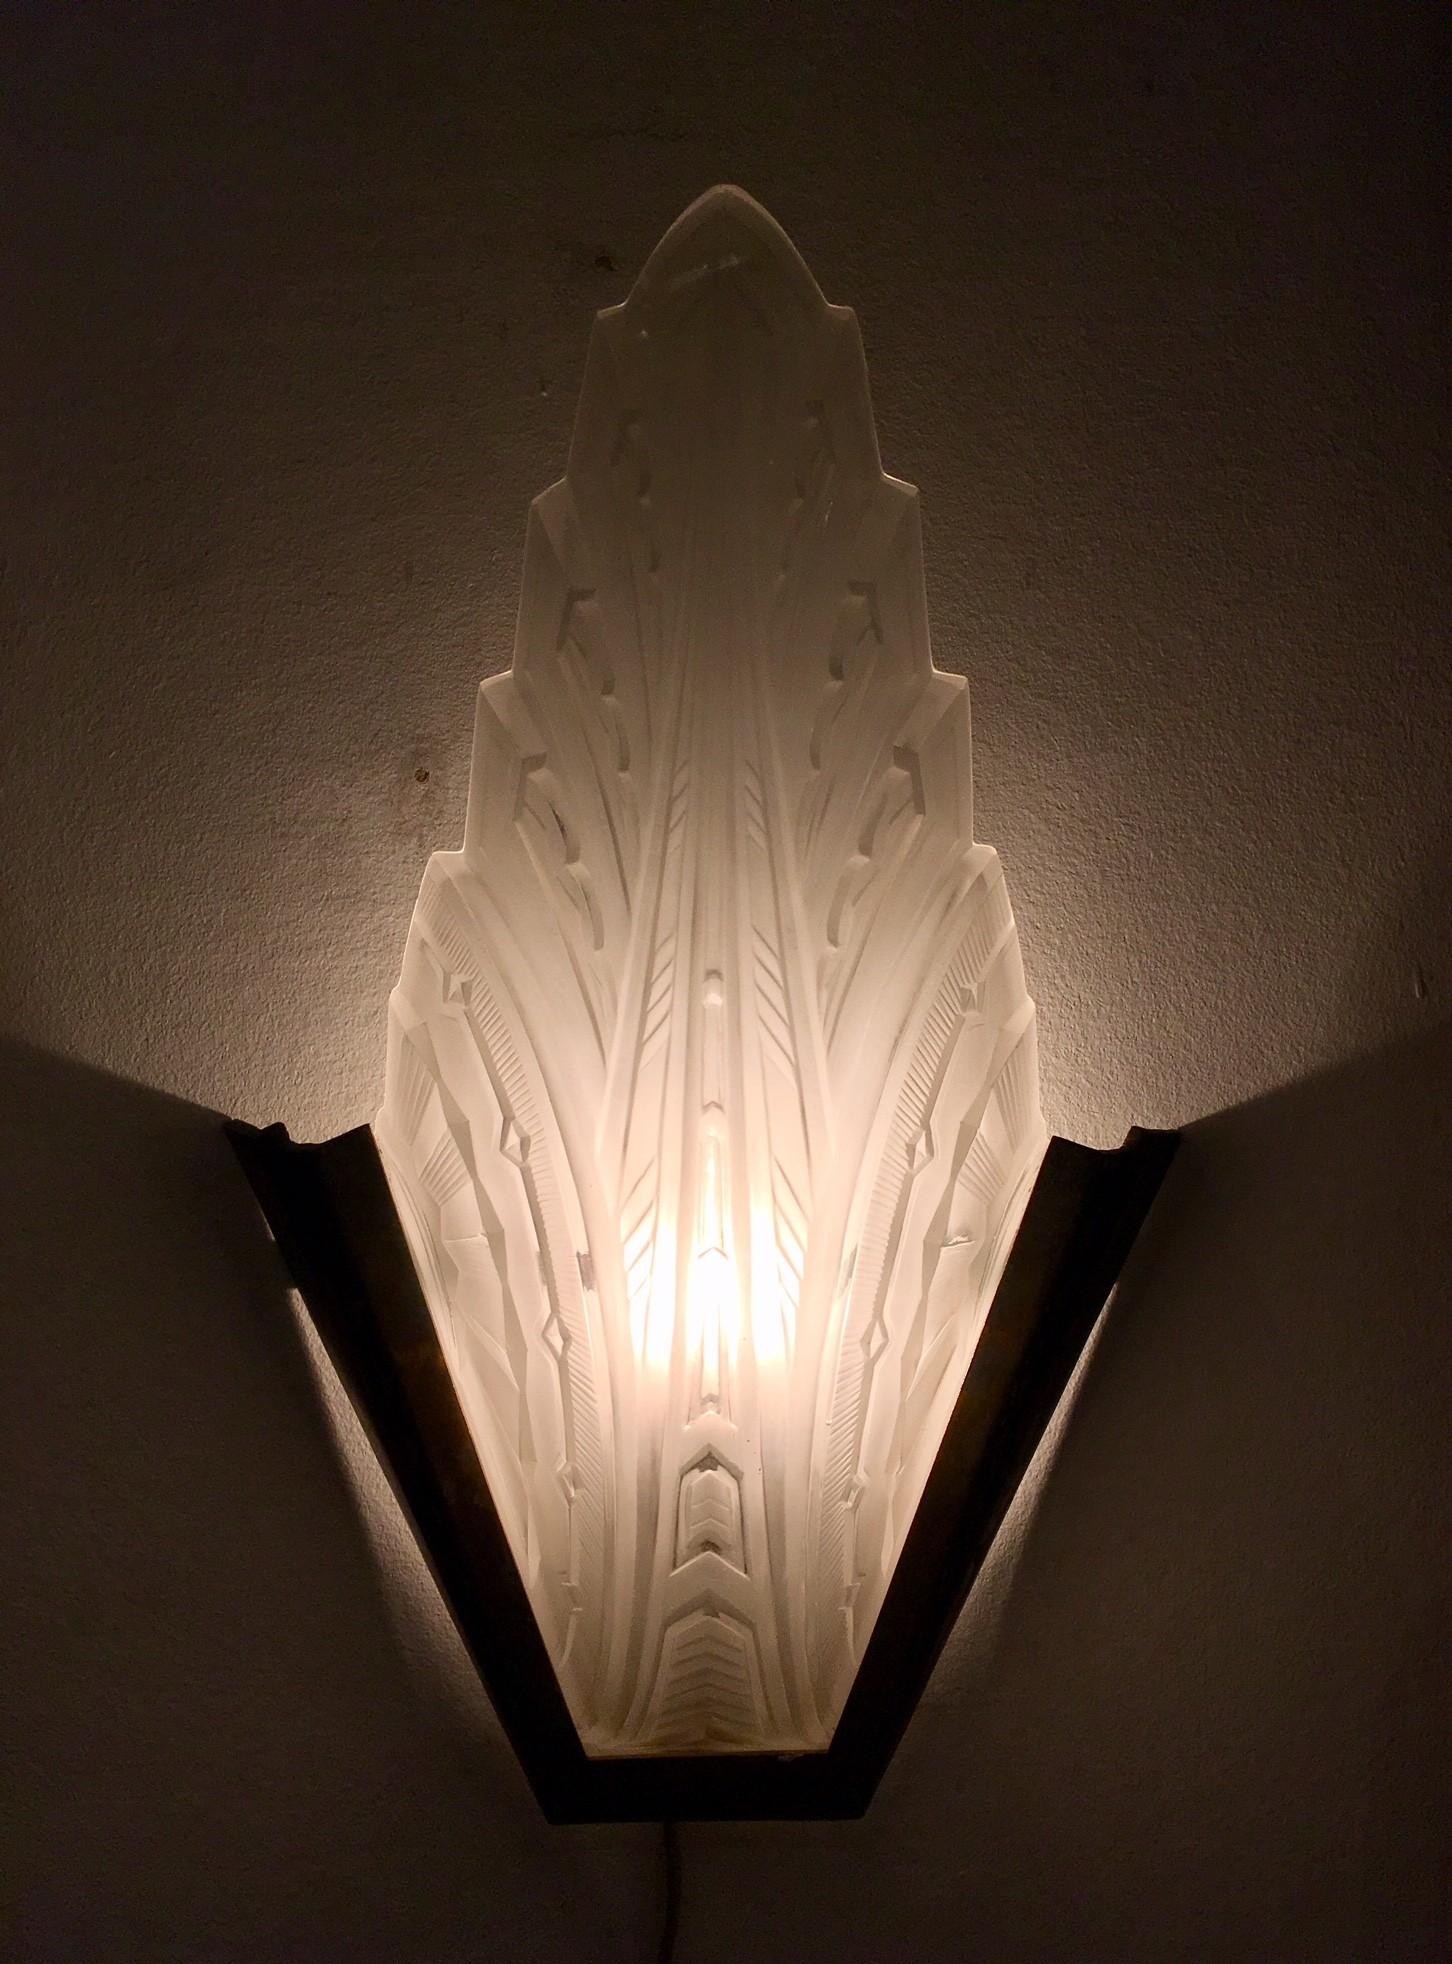 Art deco wandlampen van Hanots, 4 stuks